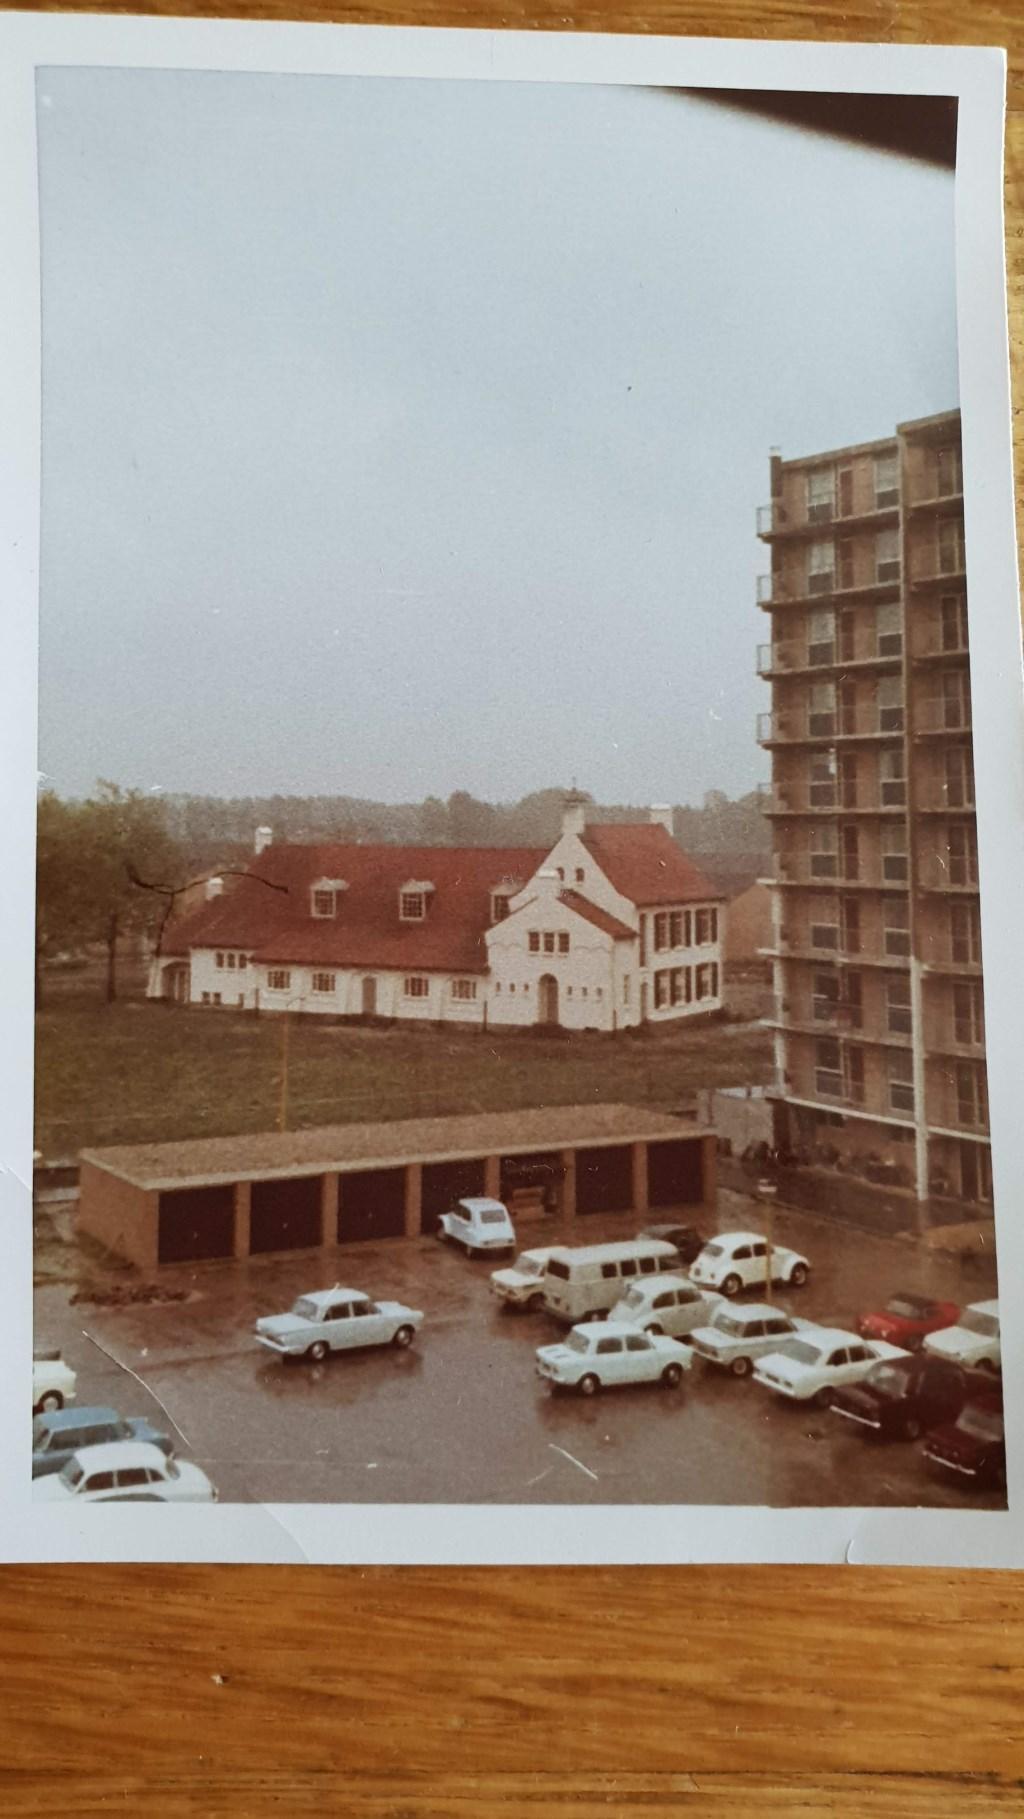 De rommelige parkeerplekken ergens in de jaren 70. Fotoarchief familie Dankers © MooiBoxtel